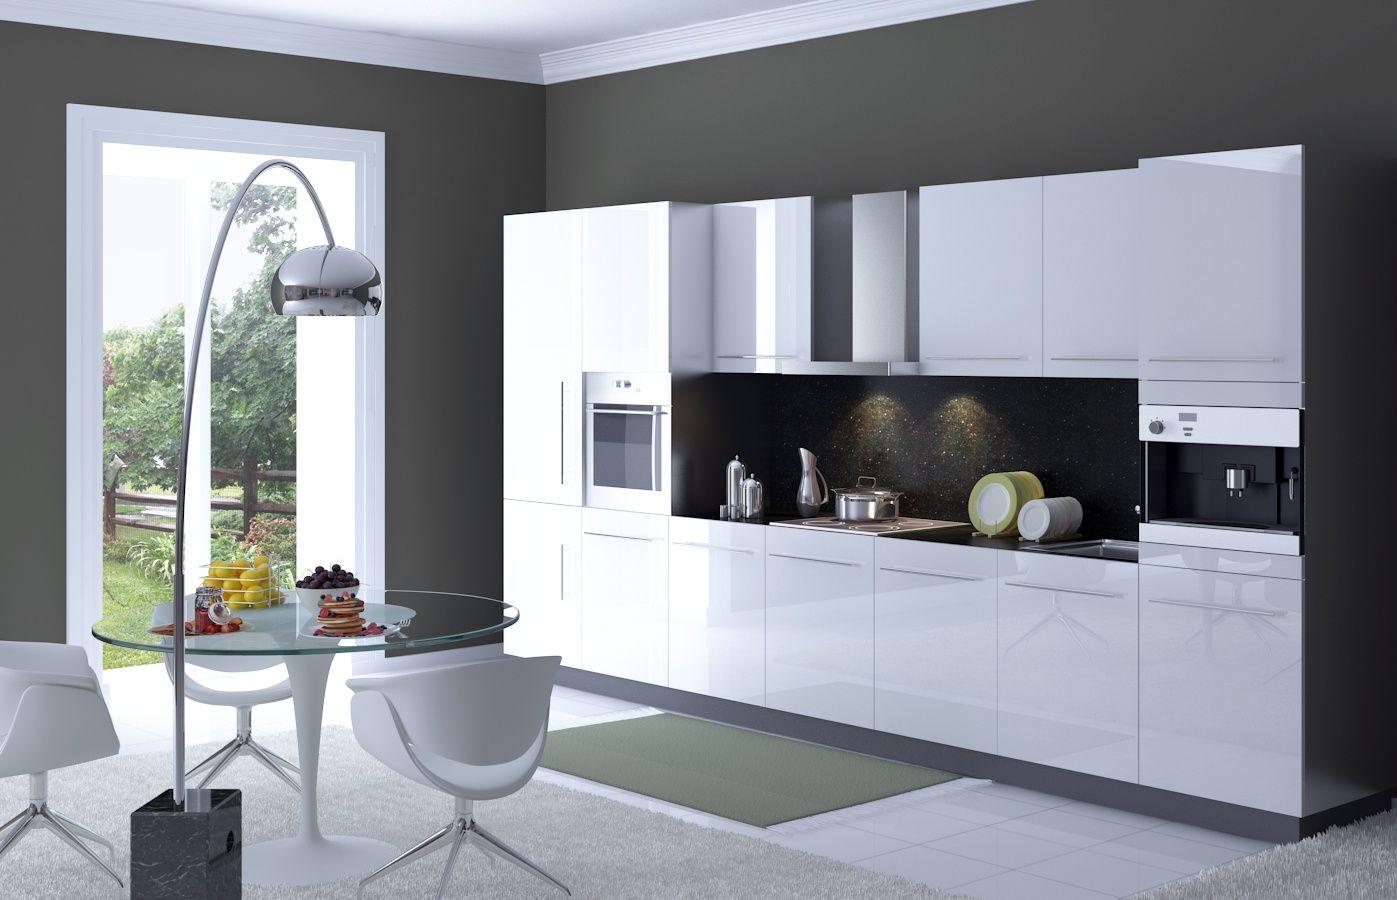 Modular Gallery Kitchen India   Arttdinox by Rajat Tyagi on 500px ...